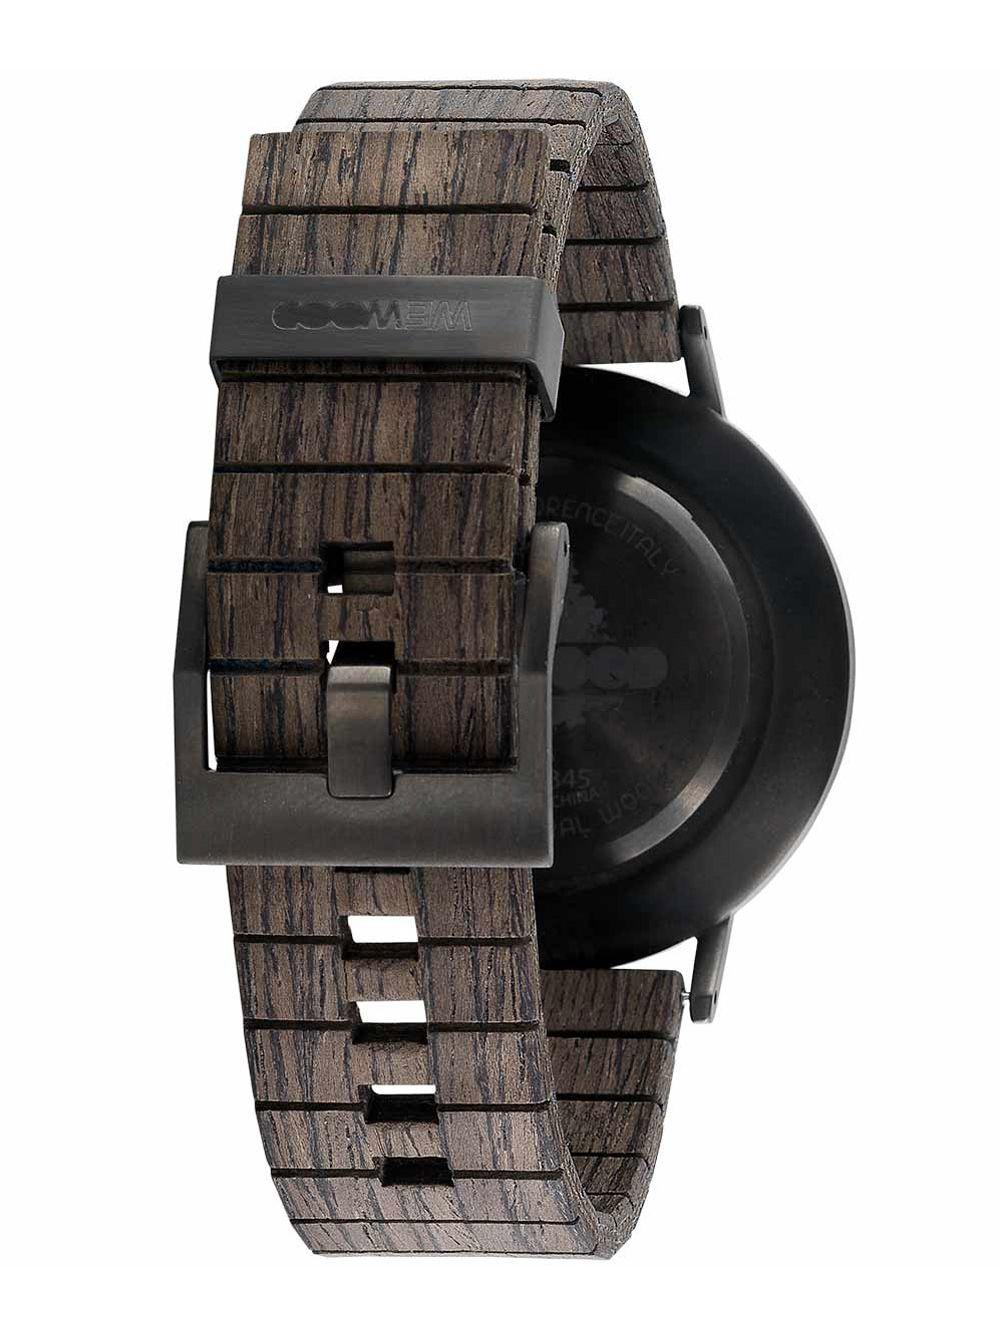 cd817453f73 ... WeWood WW63002 Wooden Wrist Watch Albacore Gun Black Oak Image 3 ...